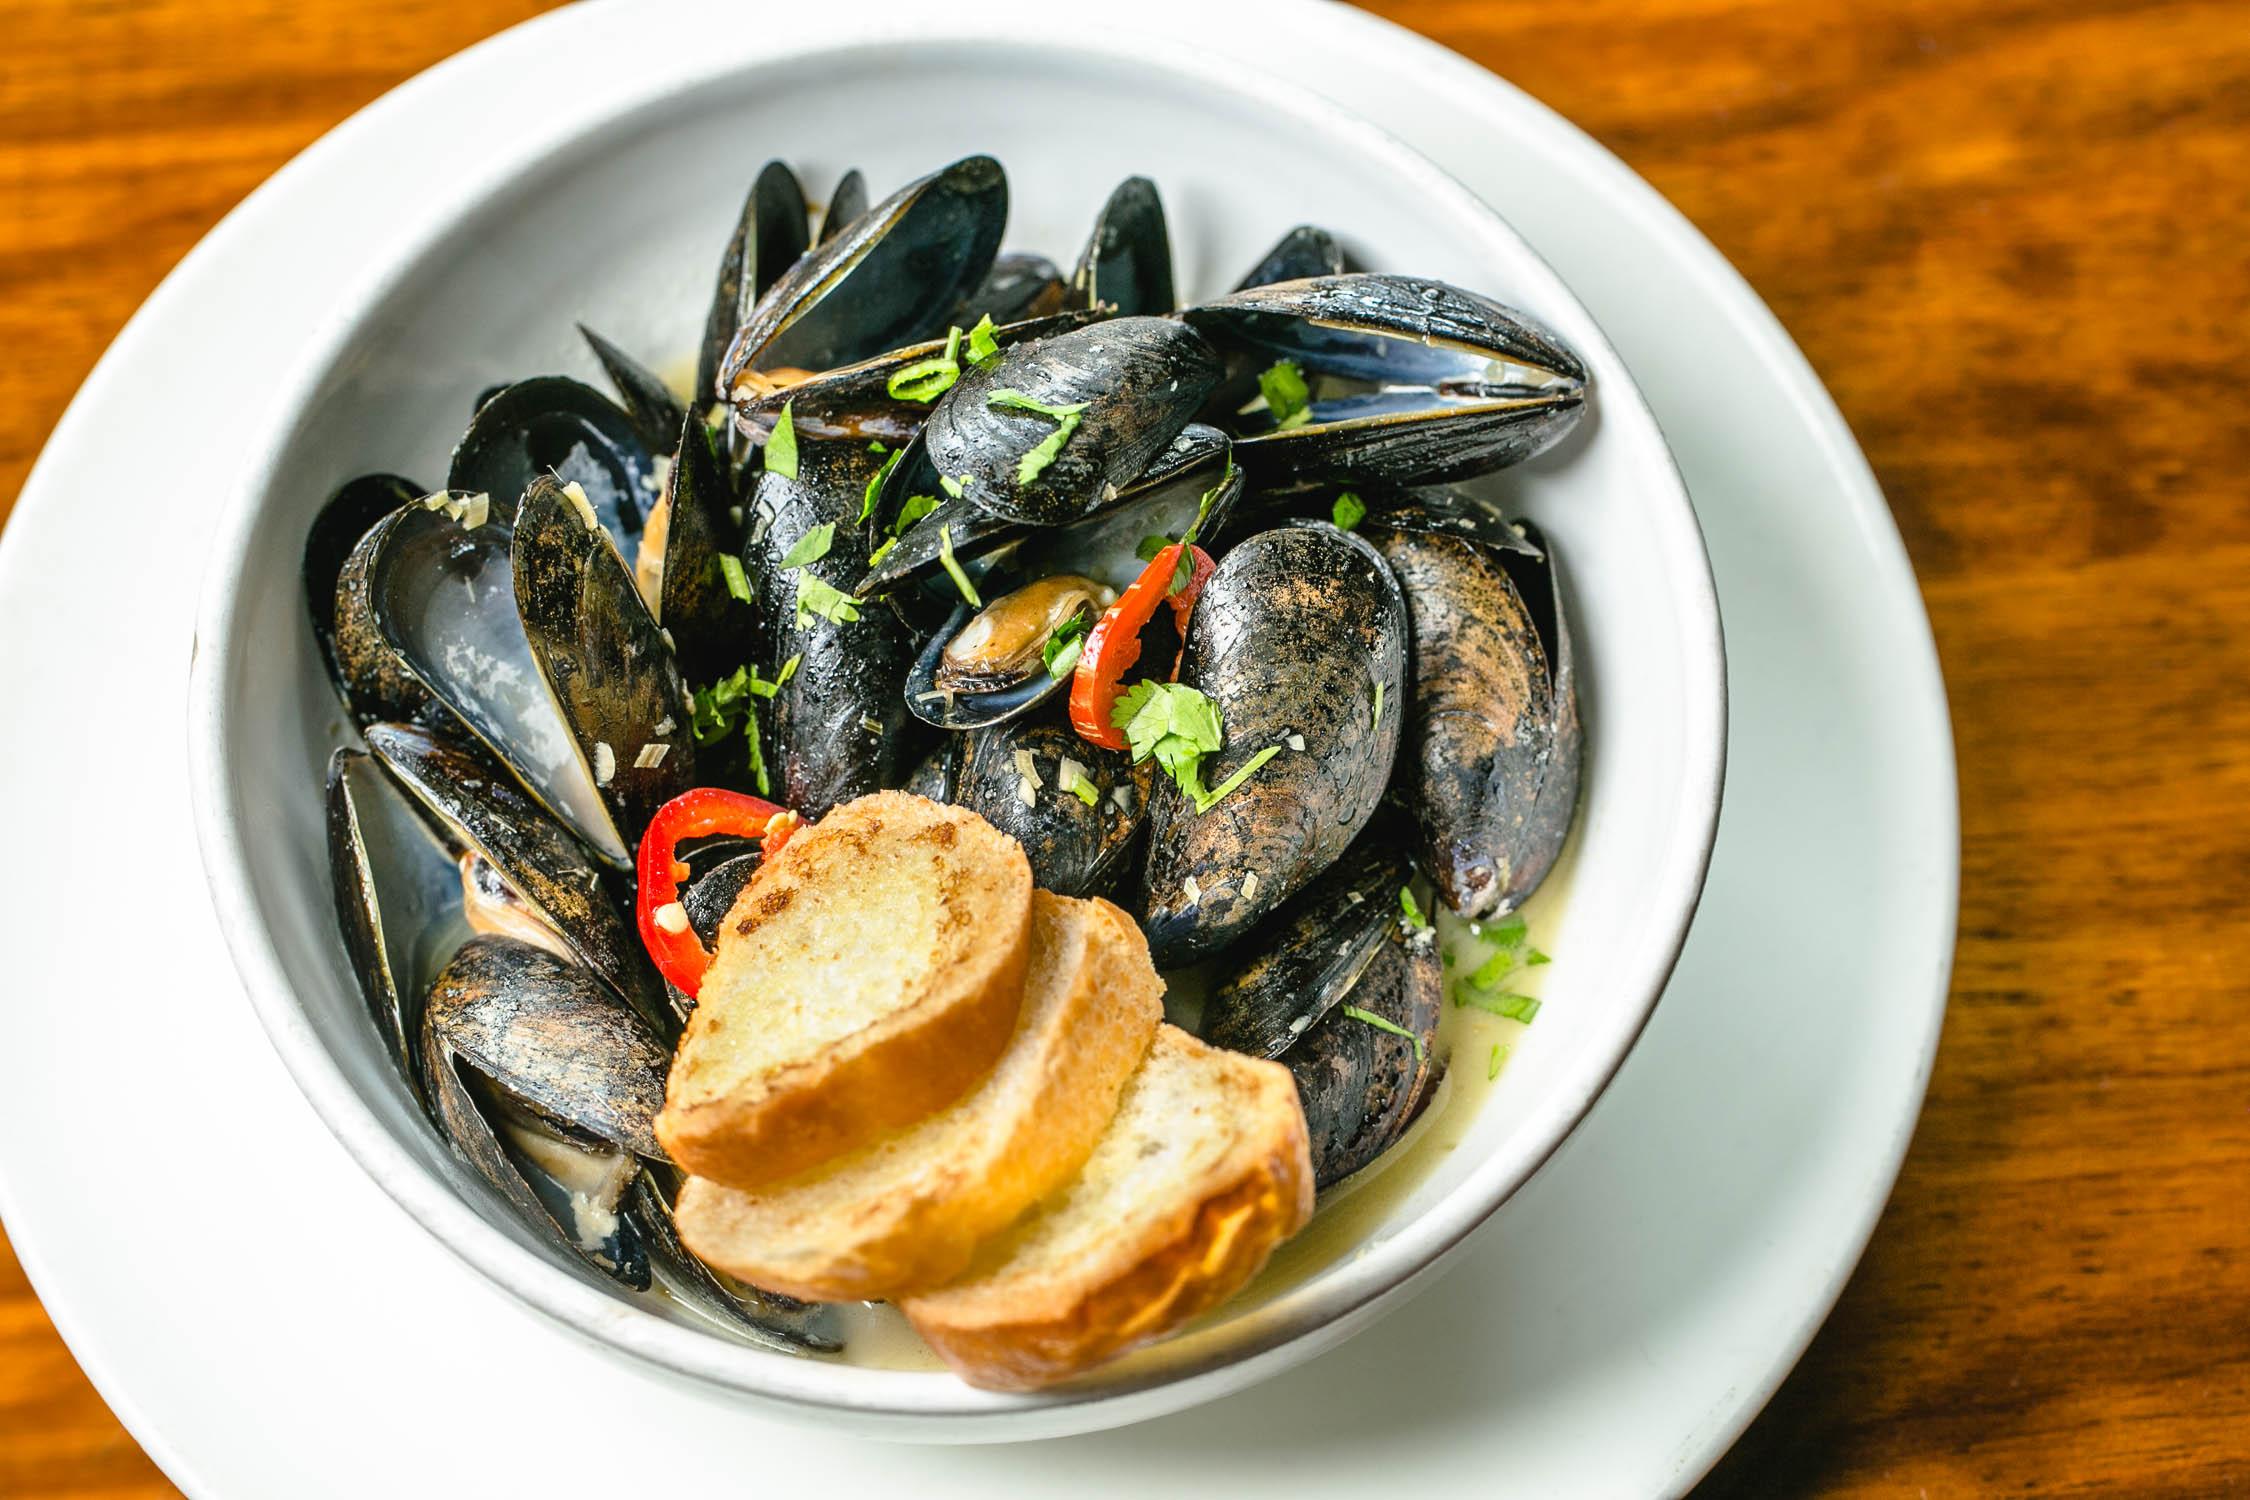 Le-Fat-Mussels-Erik-Meadows